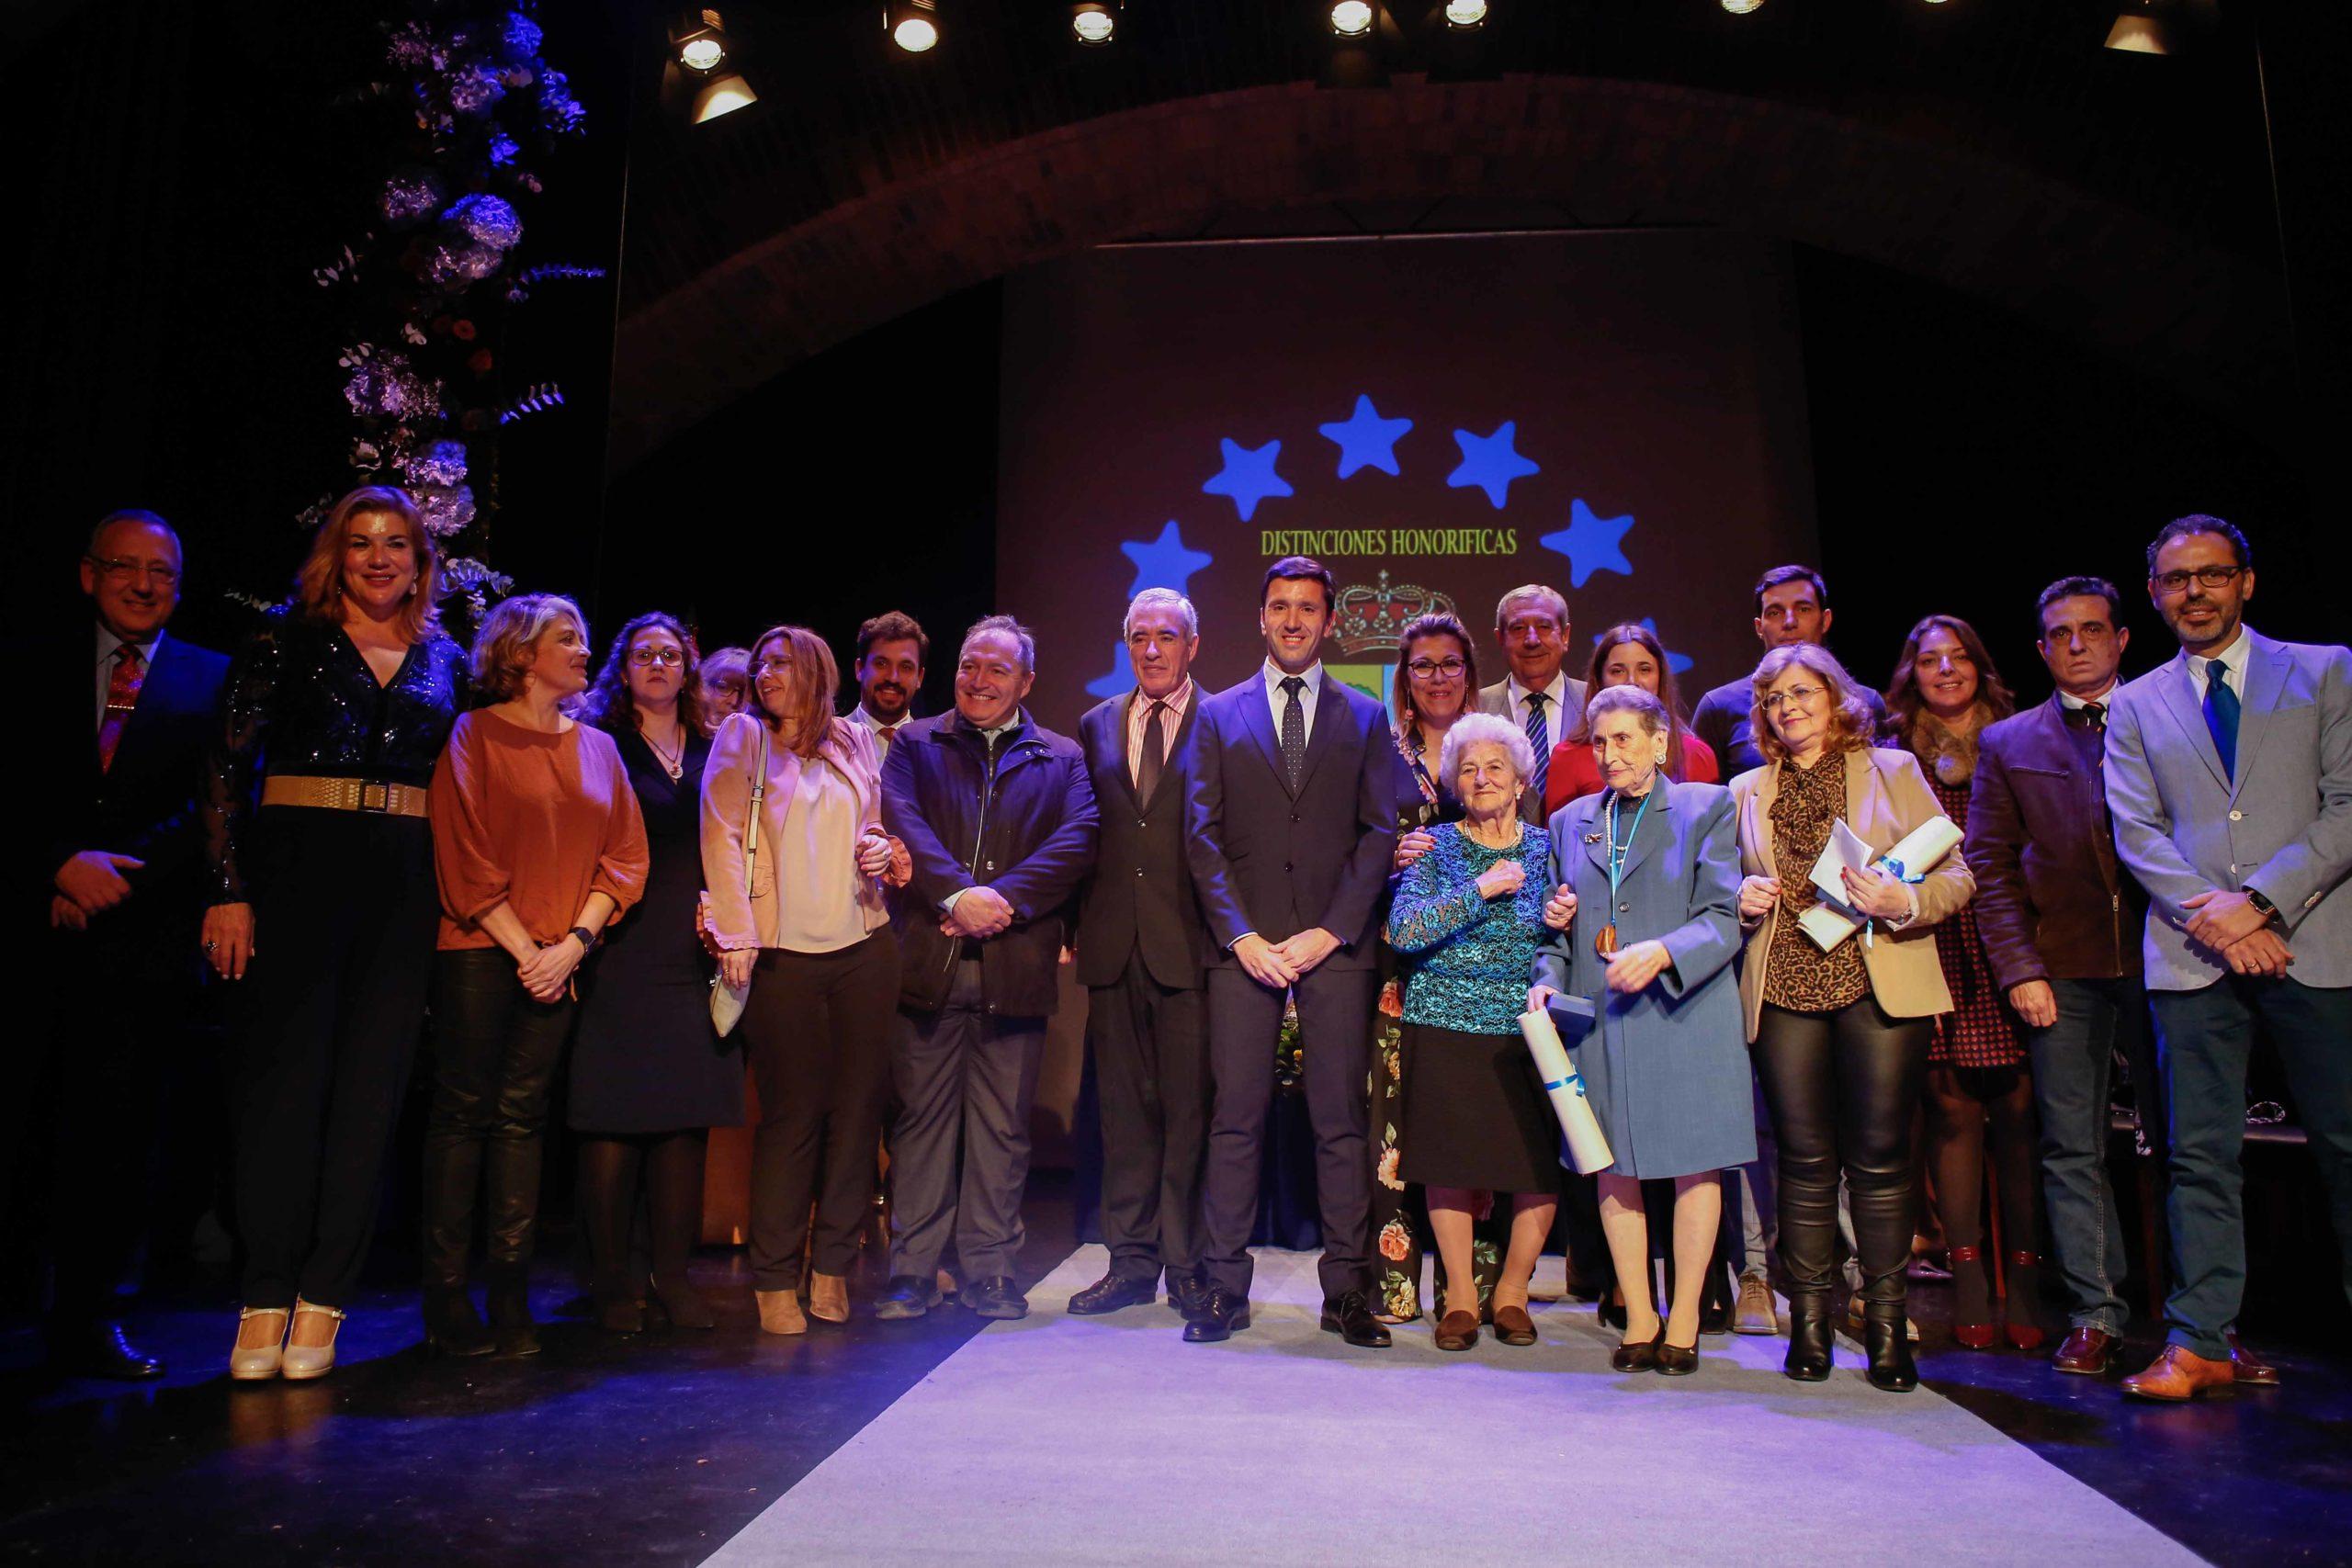 Discurso del Alcalde en la entrega de Distinciones y Honores 2020